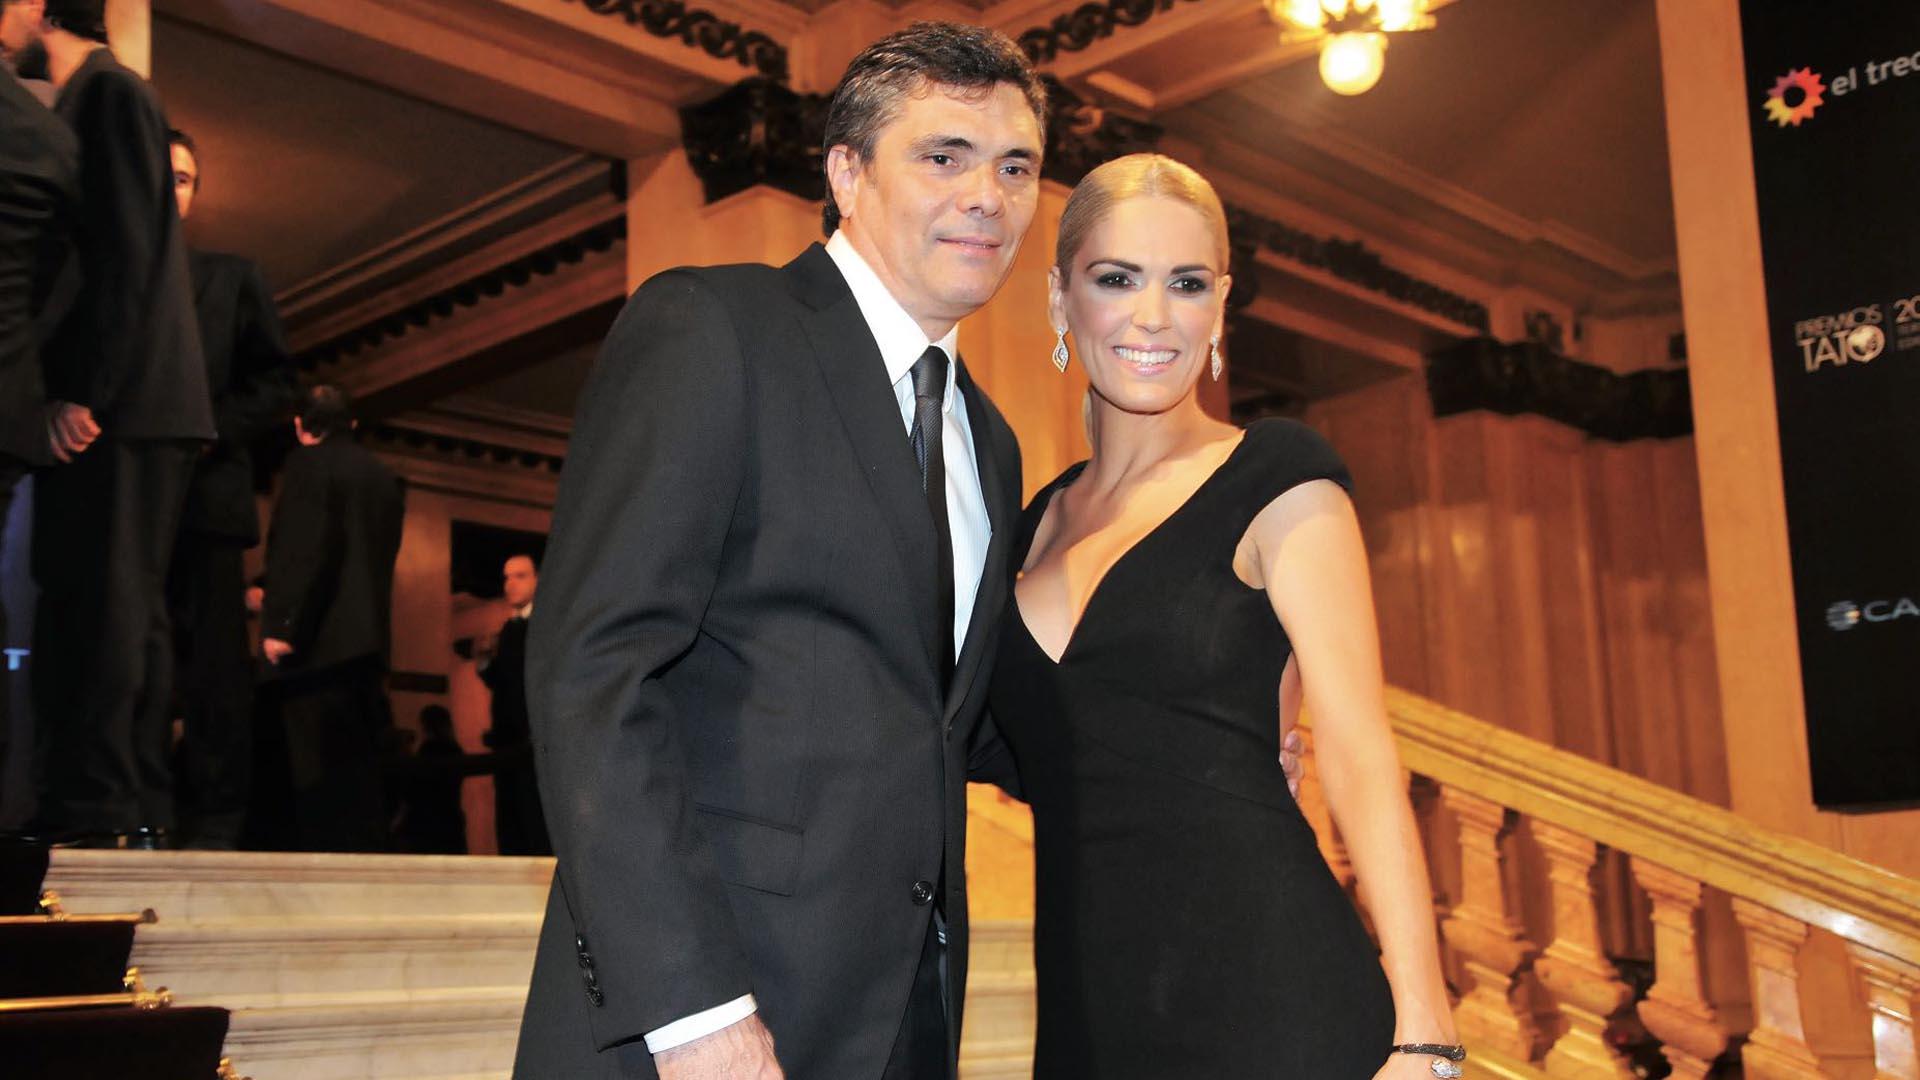 """Viviana Canosa se reconcilió con Alejandro Borensztein. Ellos se divorciaron el año pasado, pero volvieron a darse una oportunidad desde hace un mes y medio. """"Estamos felices"""", dijo la conductora"""